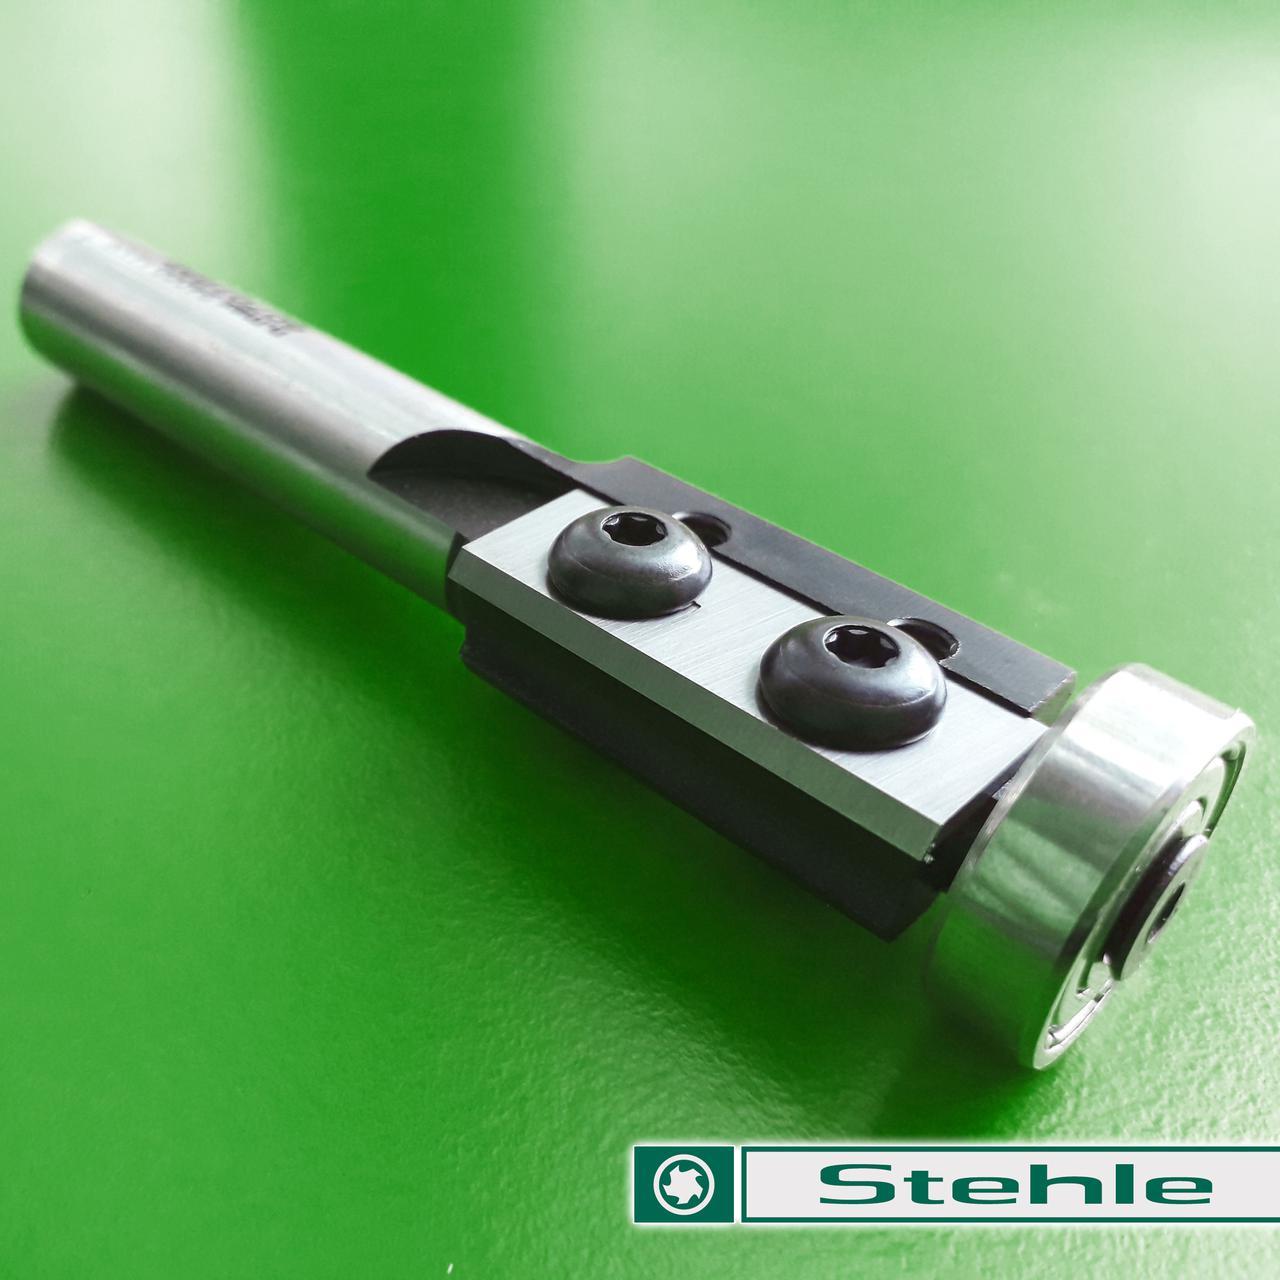 19х30х12 z=2 Фреза Stehle для ручного фрезера для обработки кромки со сменными ножами и нижним подшипником